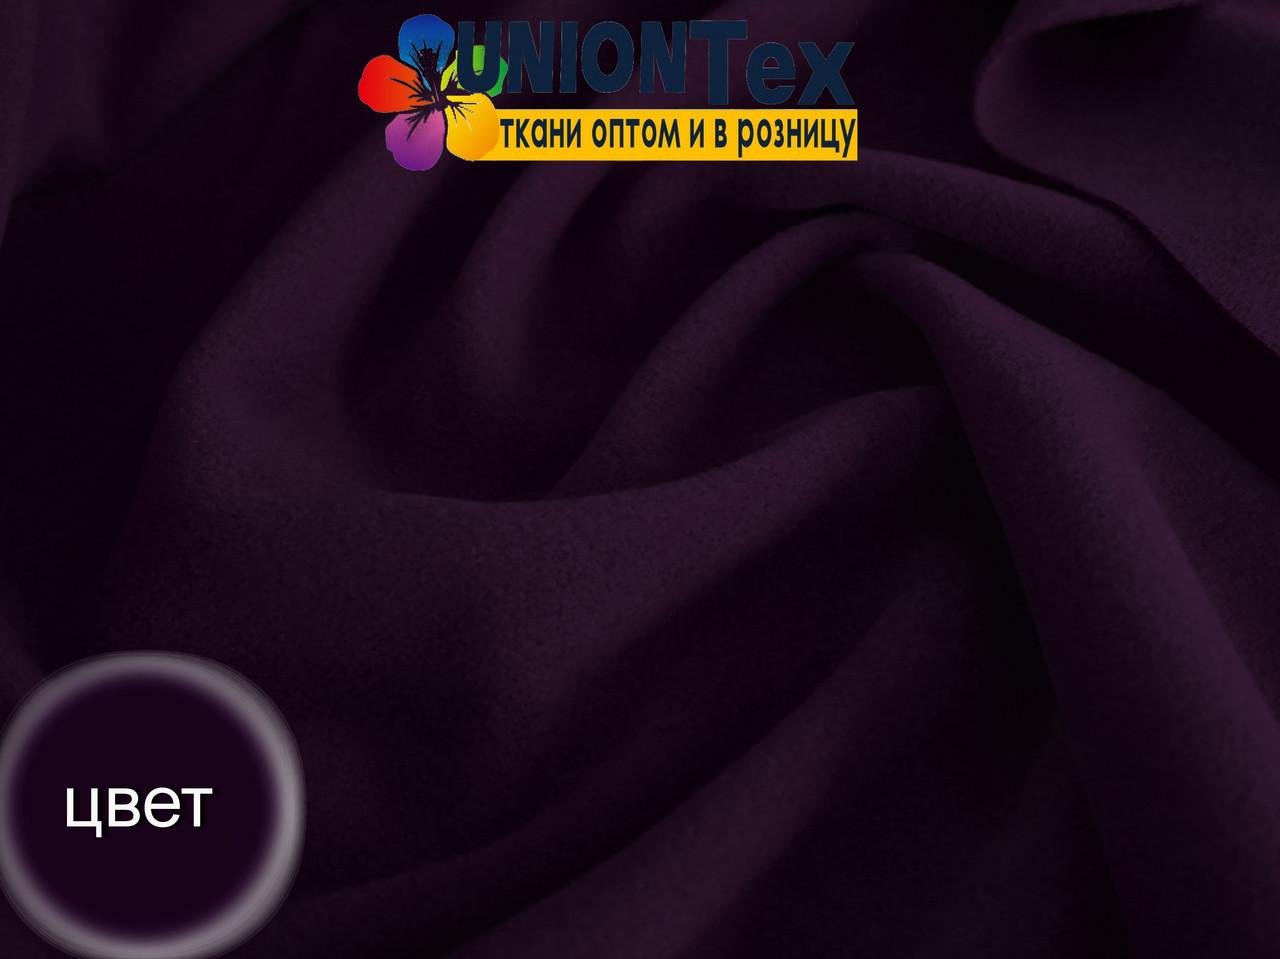 Кашемир темно- фиолетовый (шерсть 67%, 640 GSM)